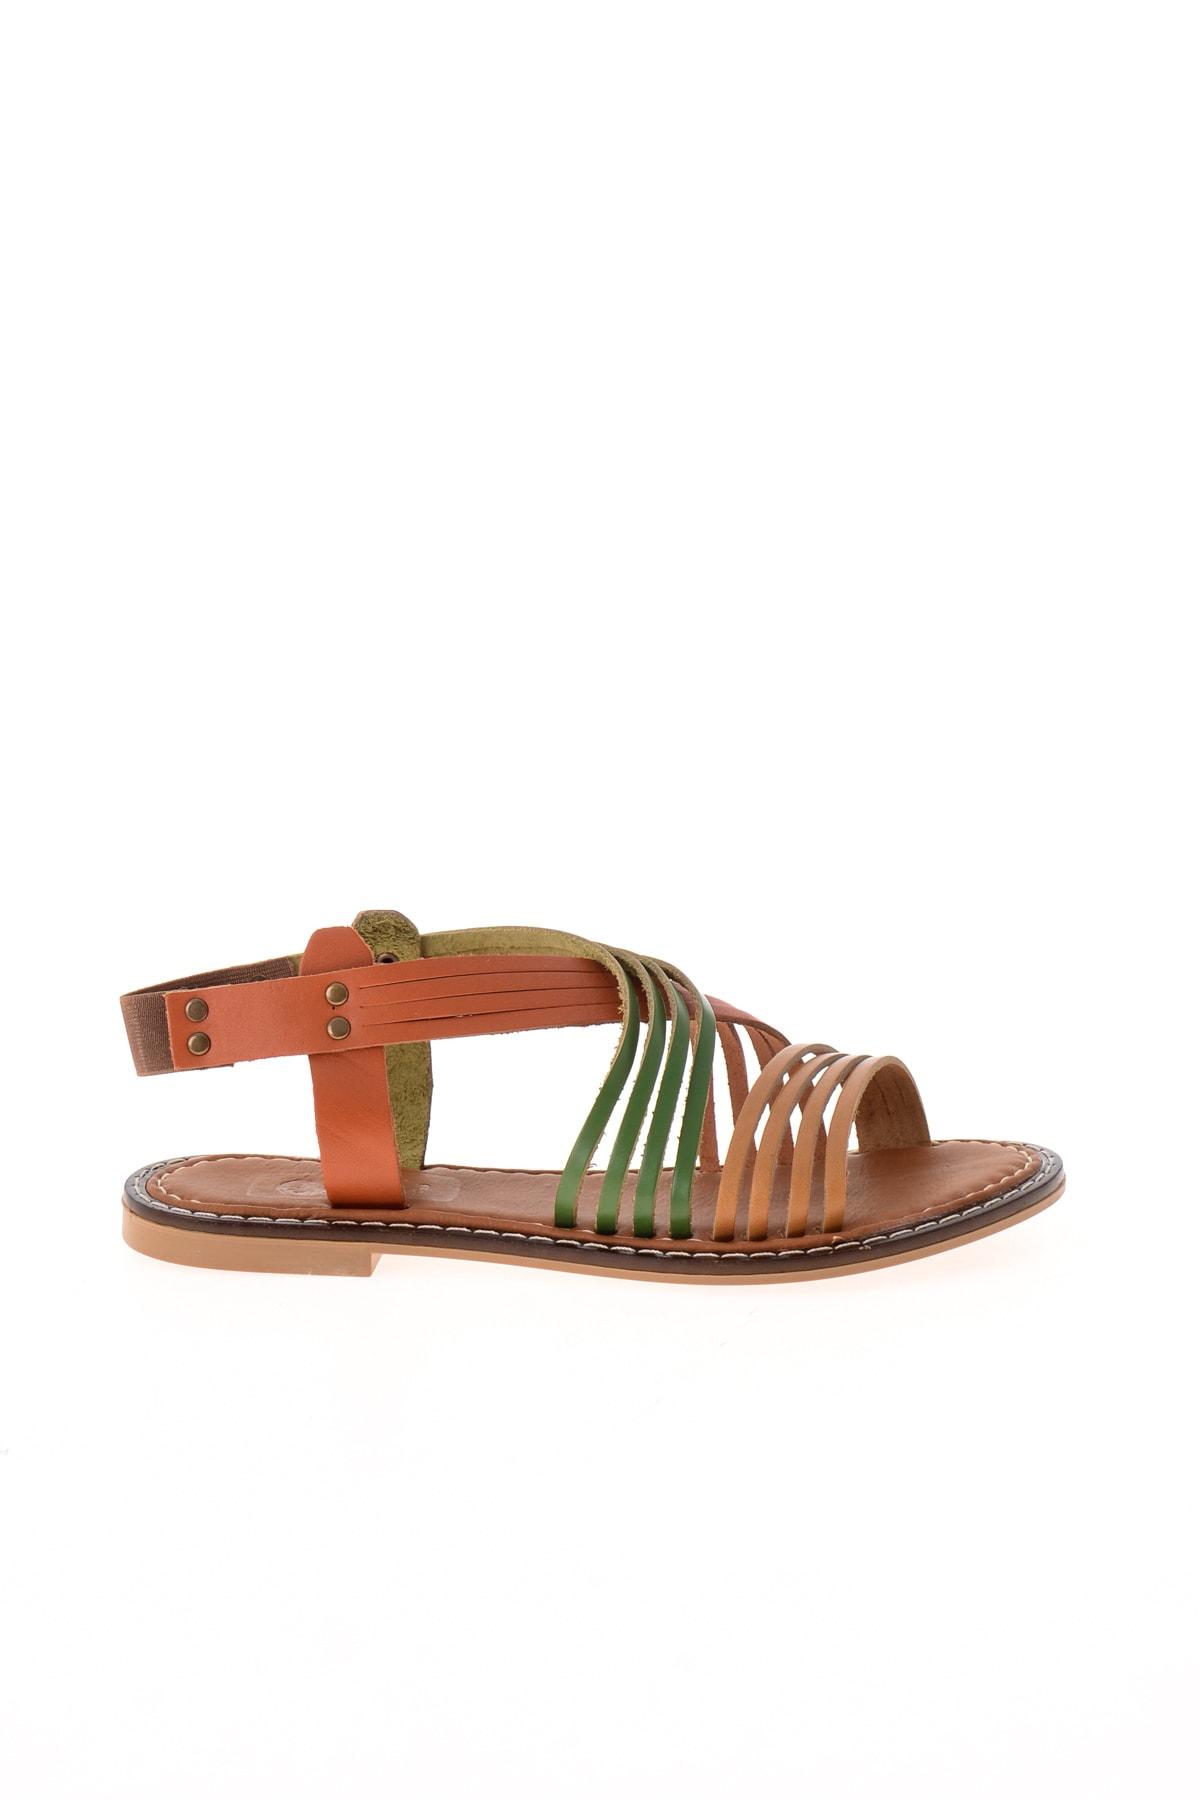 Bambi Multi Kadın Sandalet L0602808803 2